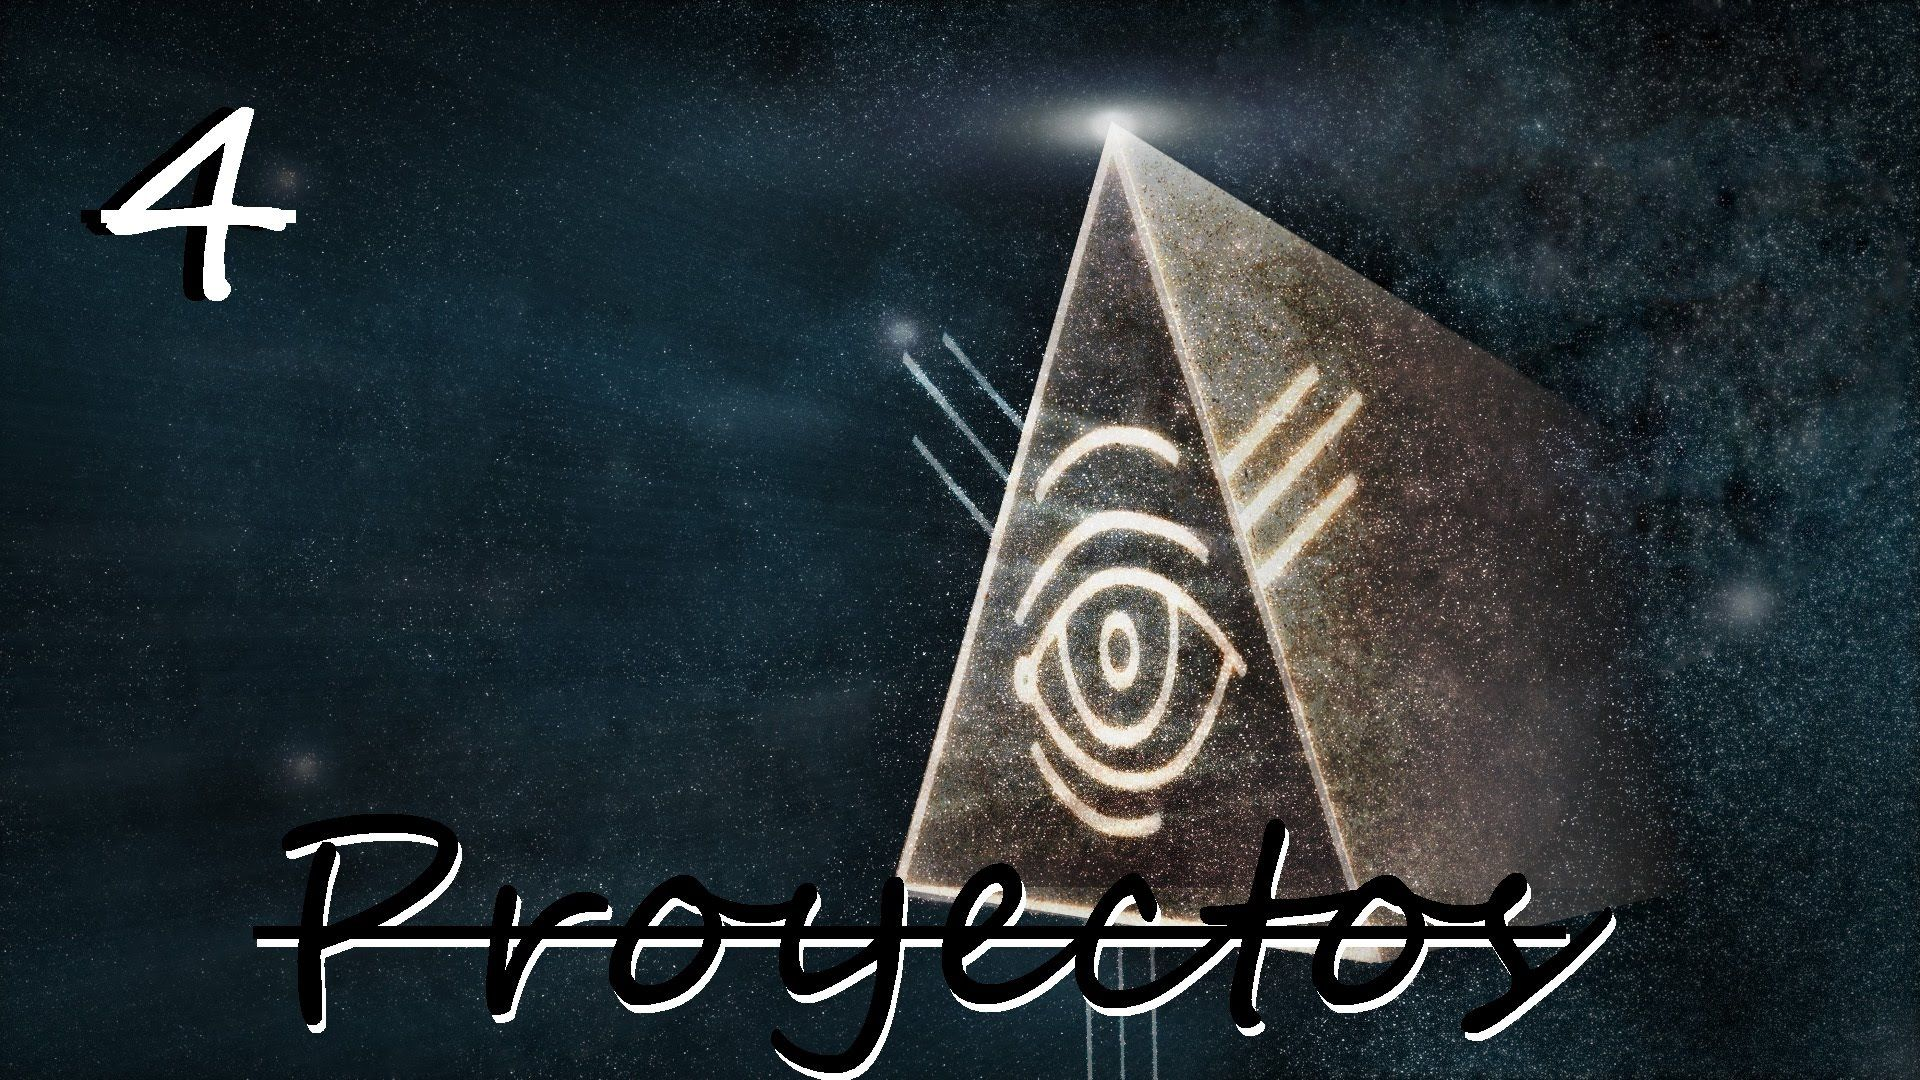 Top: Los 4 Proyectos Illuminati, más grotescos de la historia